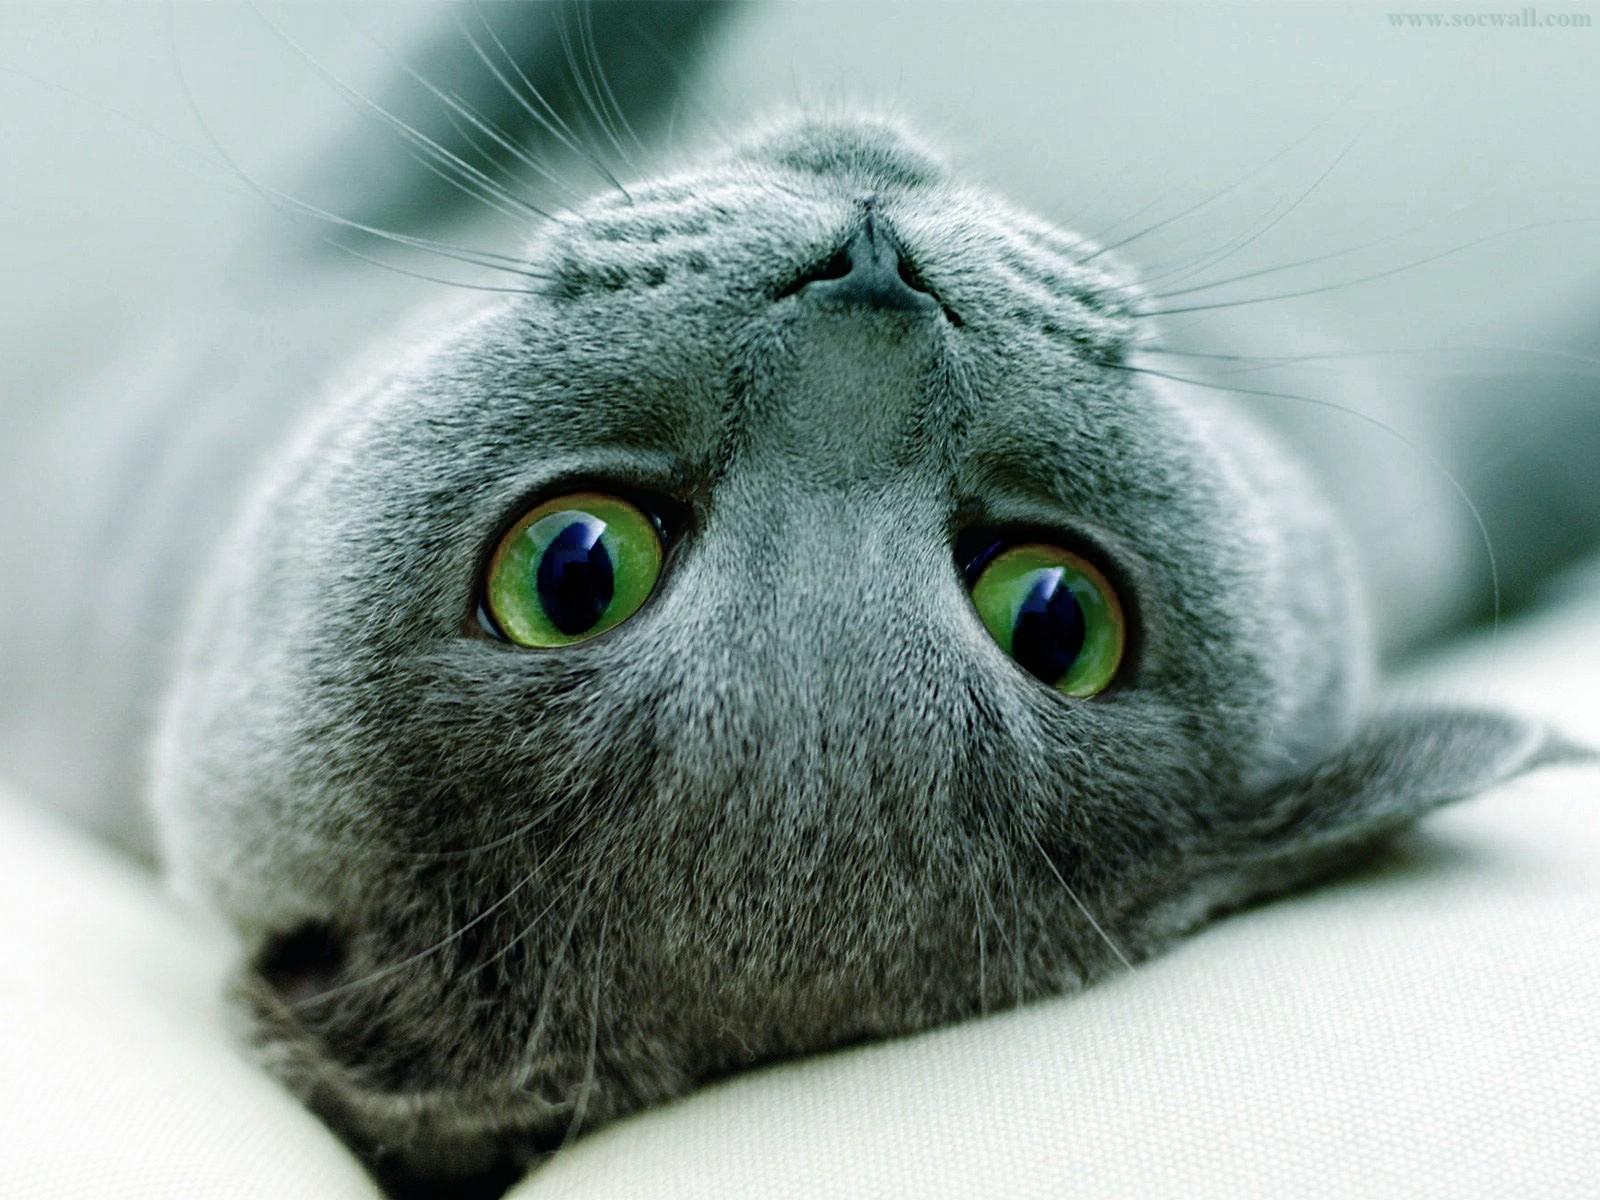 动物世界-猫咪写真01(1600x1200) 壁纸